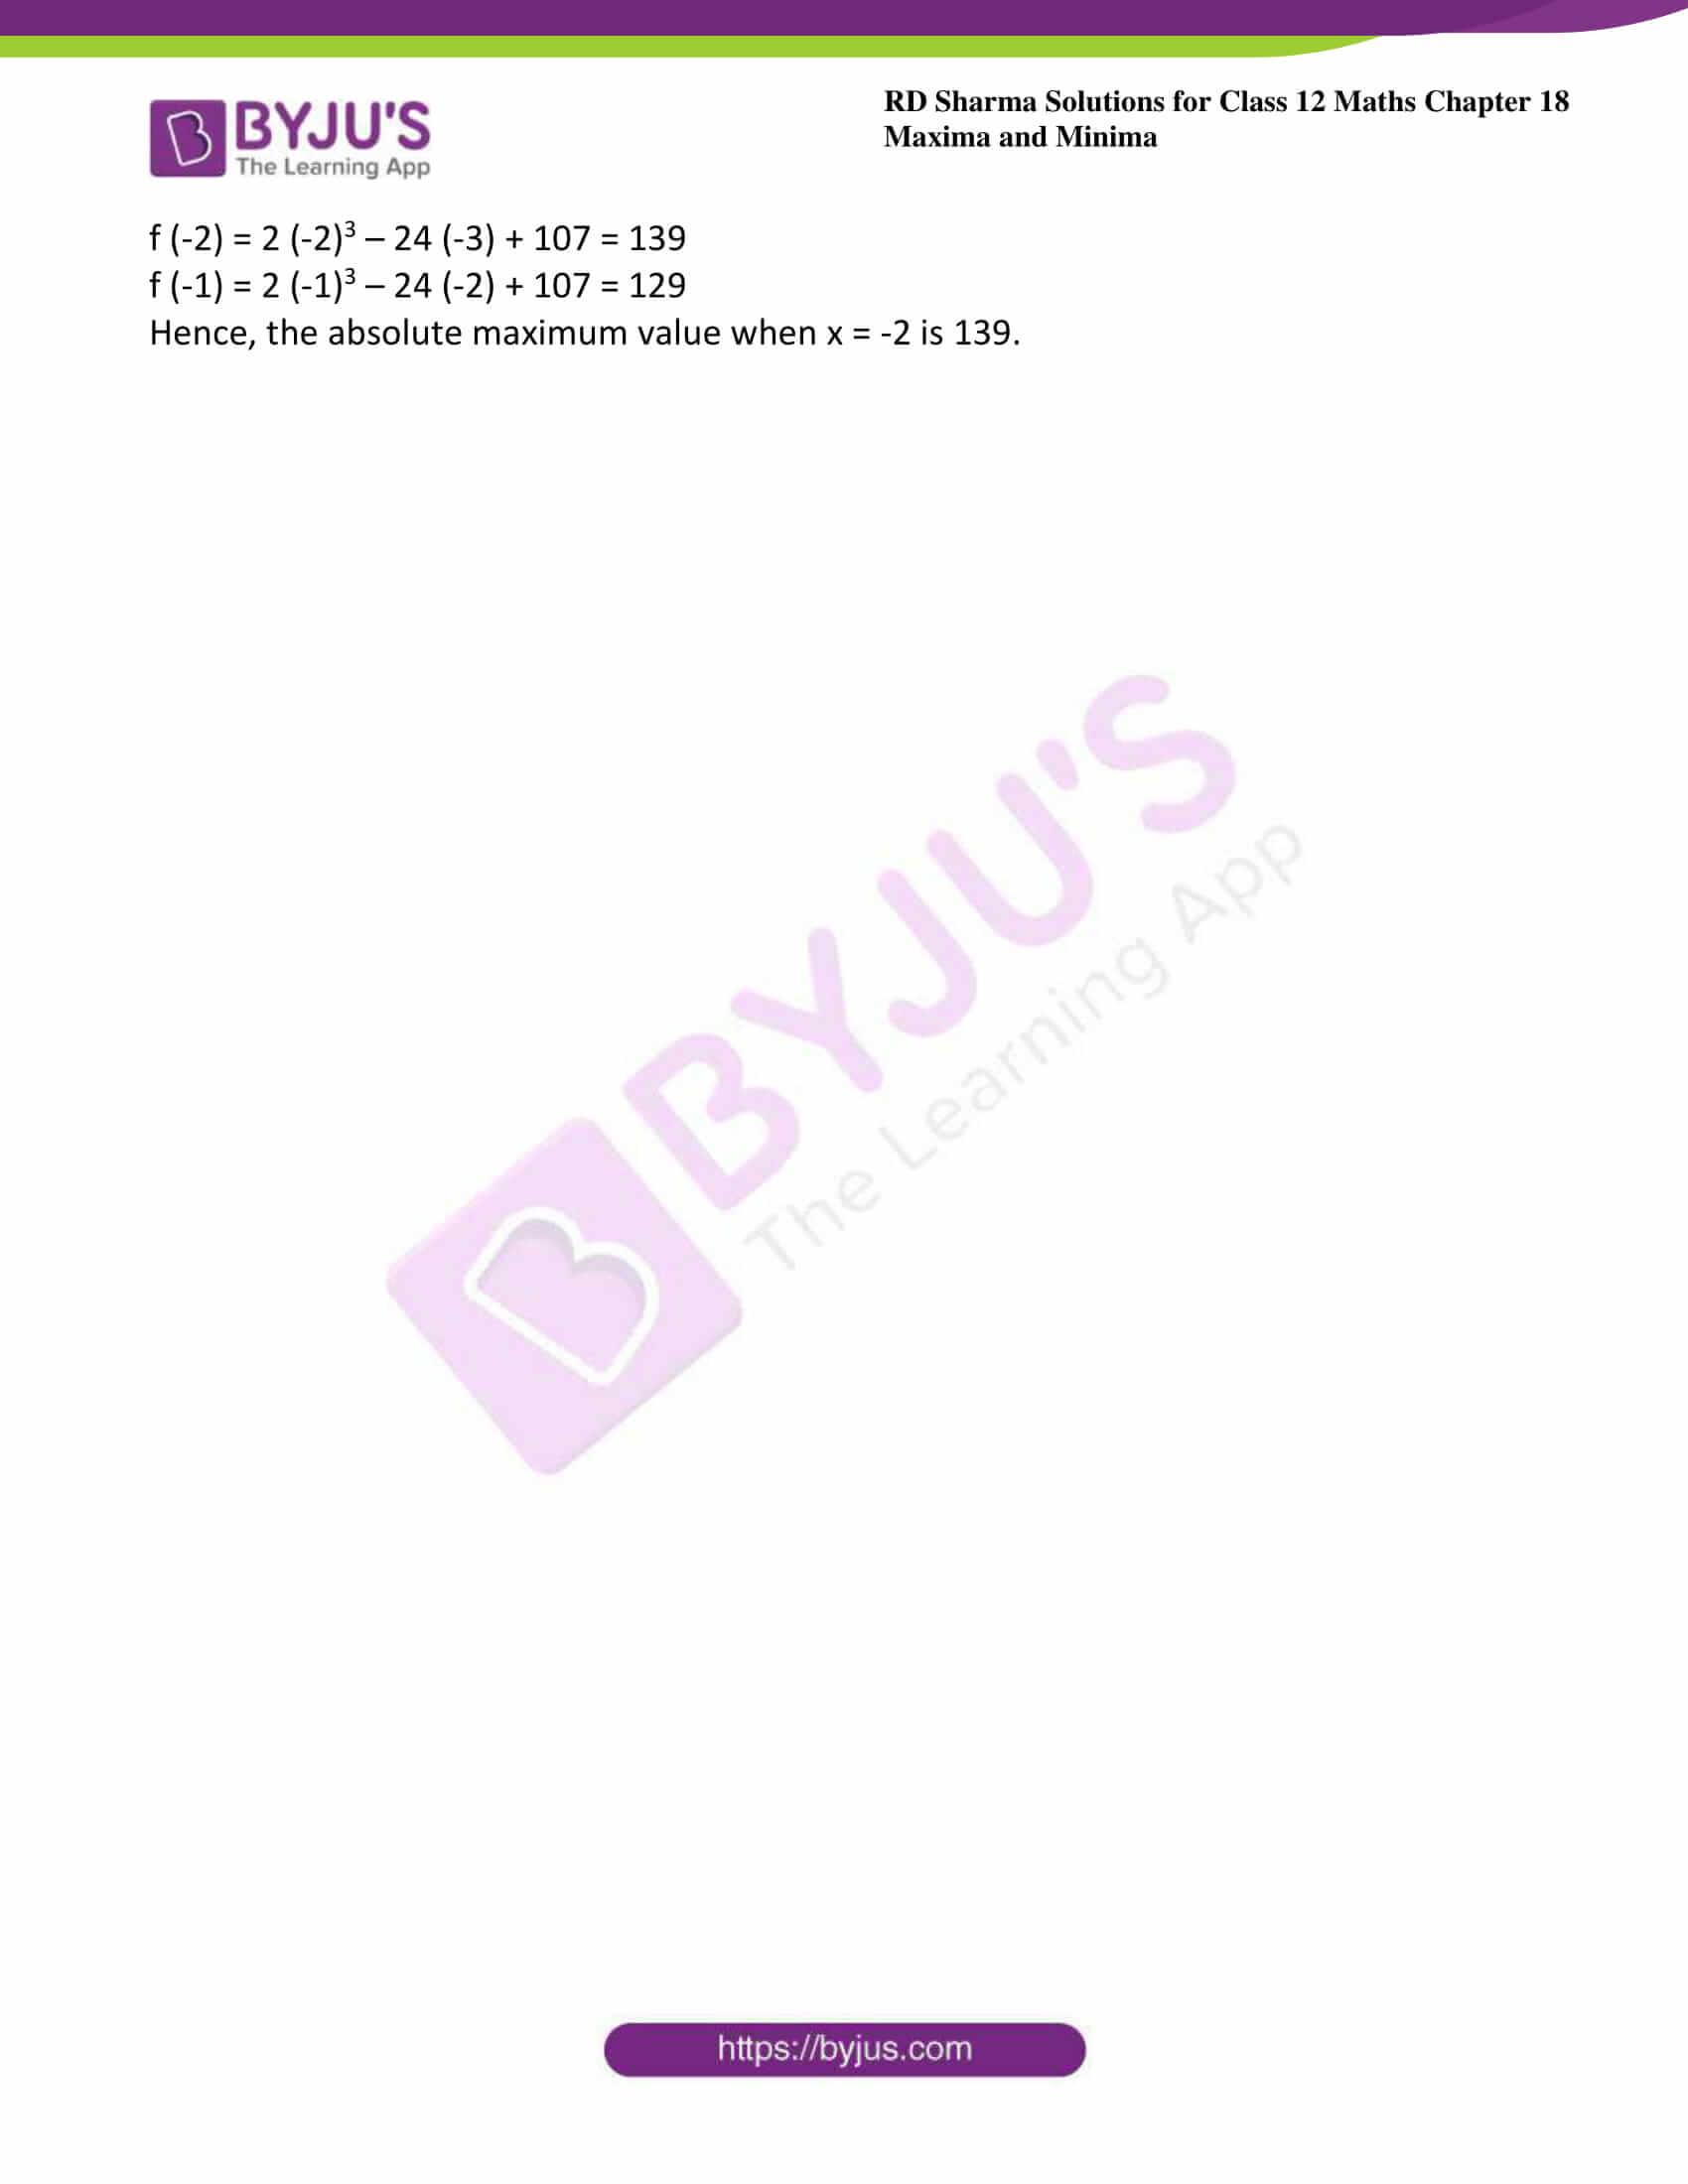 rd sharma class 12 maths sol chap 18 ex 4 4